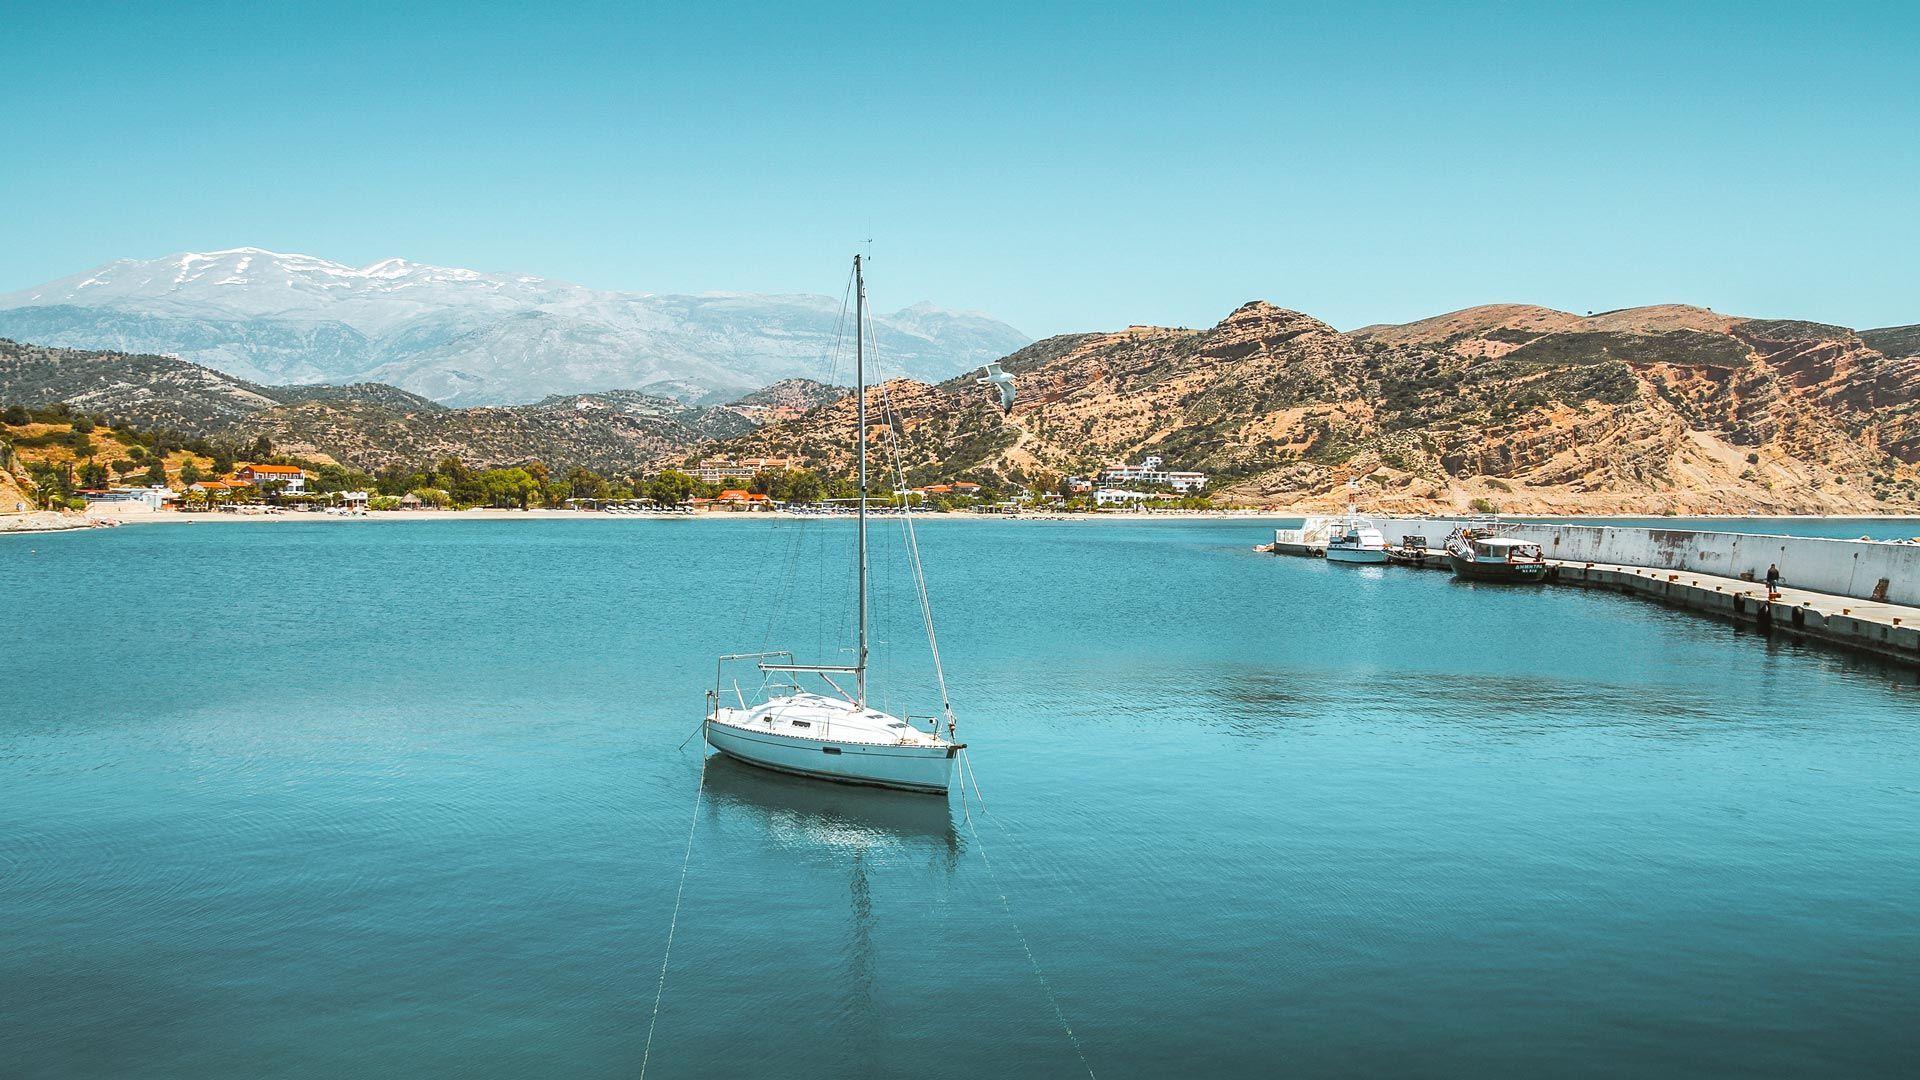 Αγία Γαλήνη, νότια Κρήτη